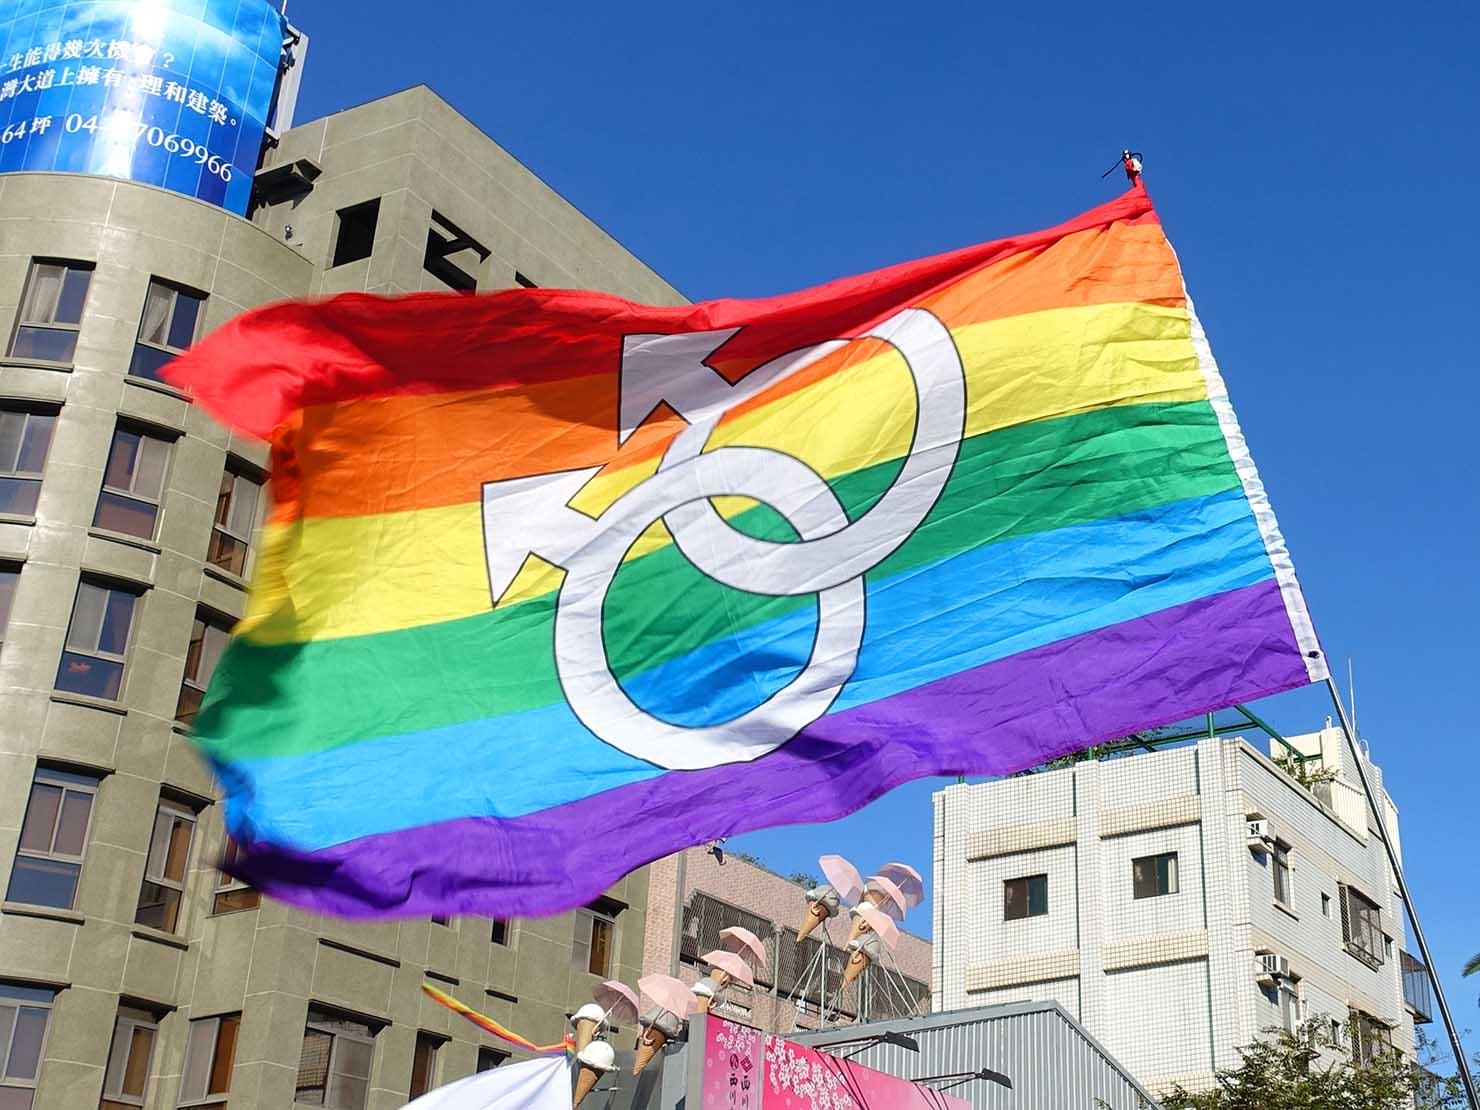 台中同志遊行(台中LGBTプライド)2017で青空にはためくレインボーフラッグ